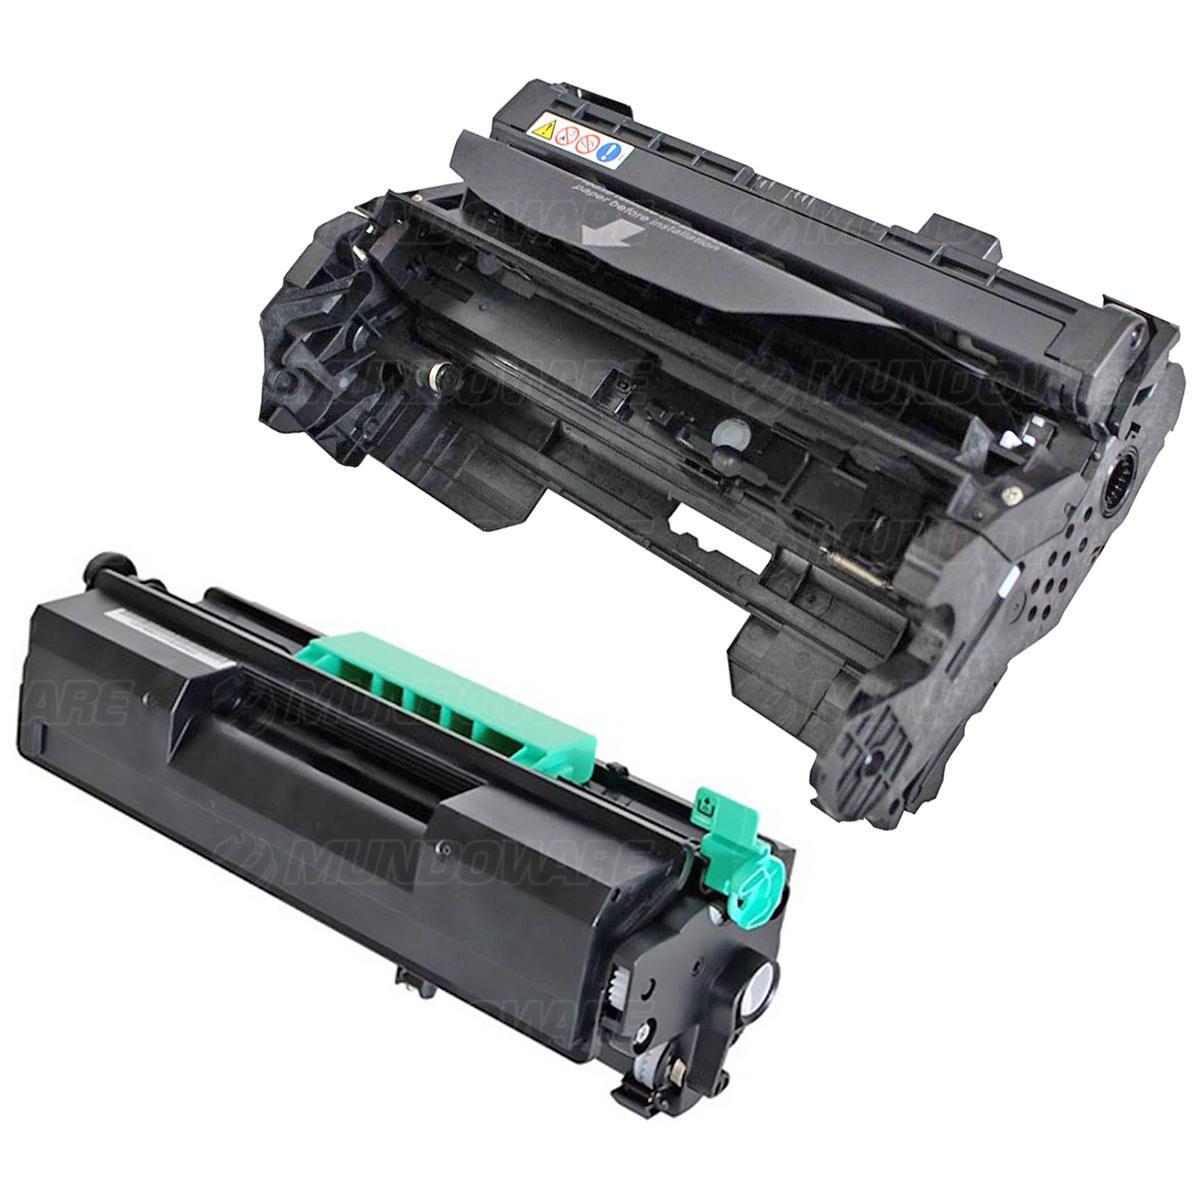 Compatível: Combo Fotocondutor + Toner SP-4510 para Ricoh SP4500 SP4510sf SP3600 SP3610 SP4510dn SP3600dn SP-4510sf